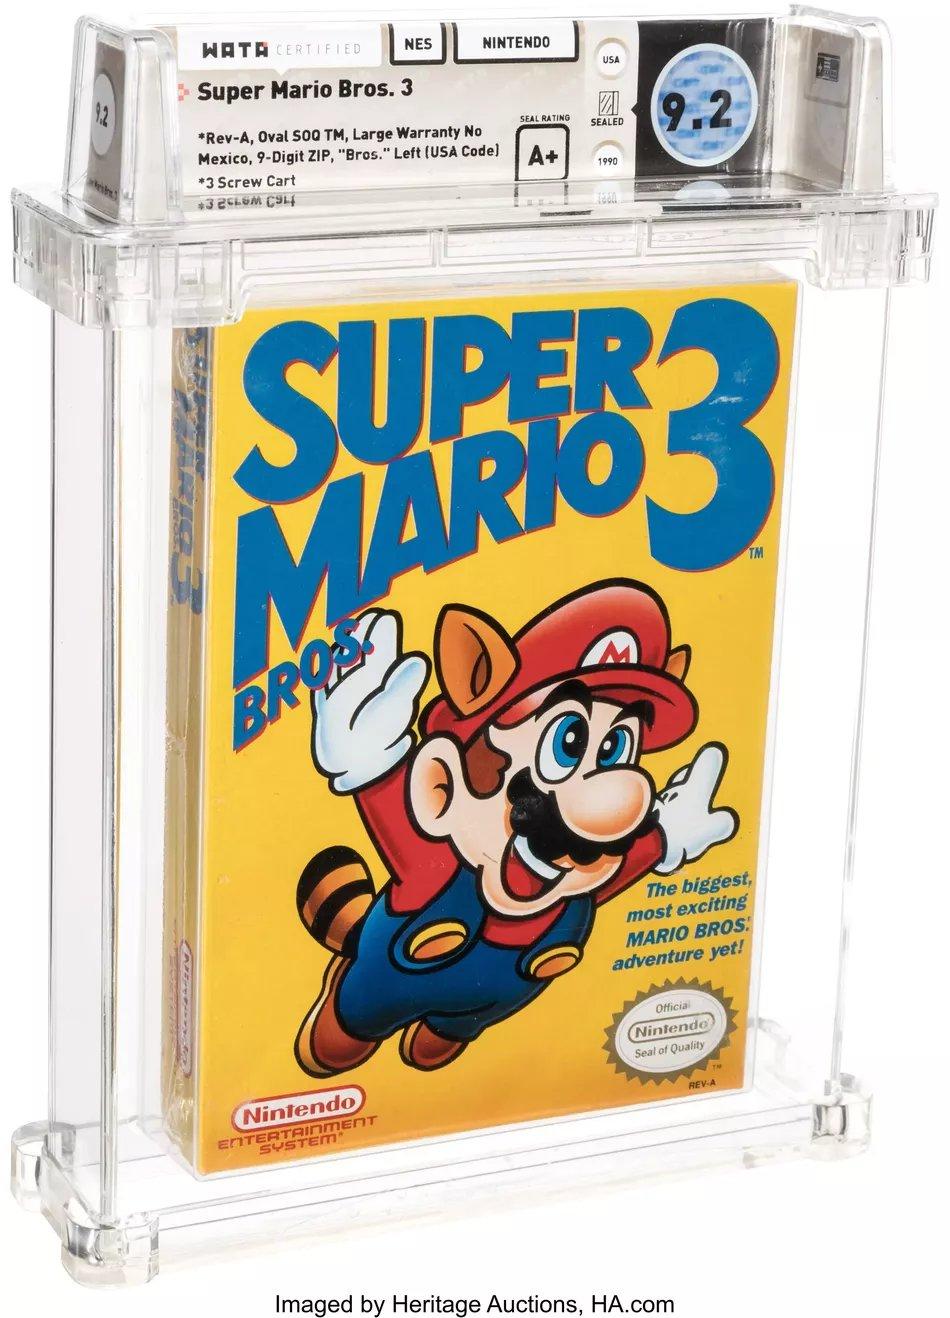 《超级马里奥兄弟3》拍出15.6万美元史上最贵的游戏